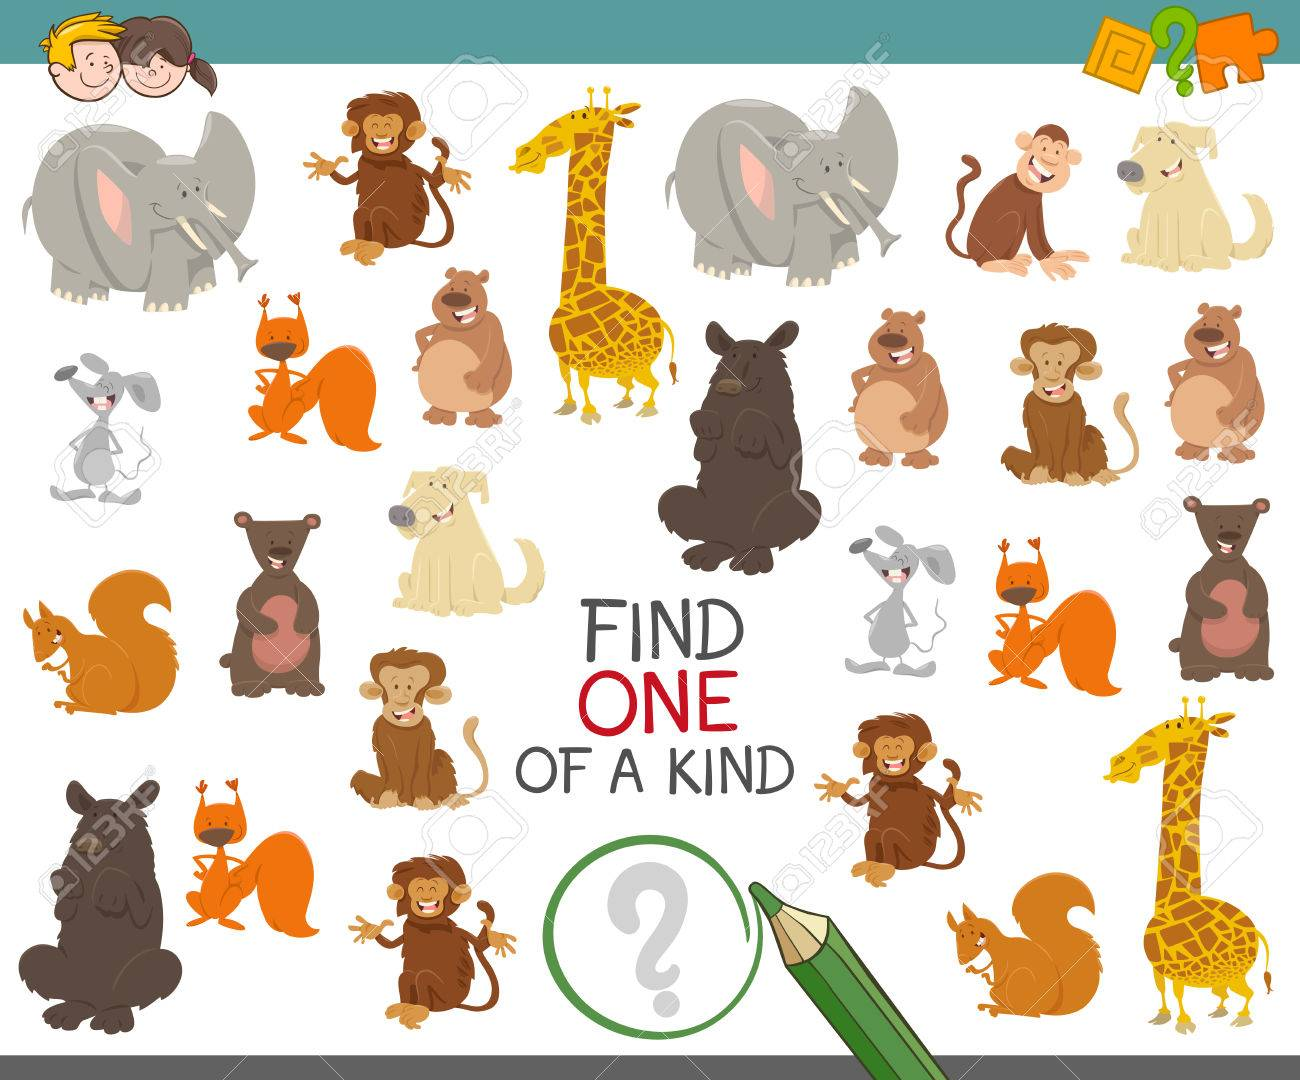 漫画イラストかわいい動物キャラクターの幼稚園児の親切な教育活動の